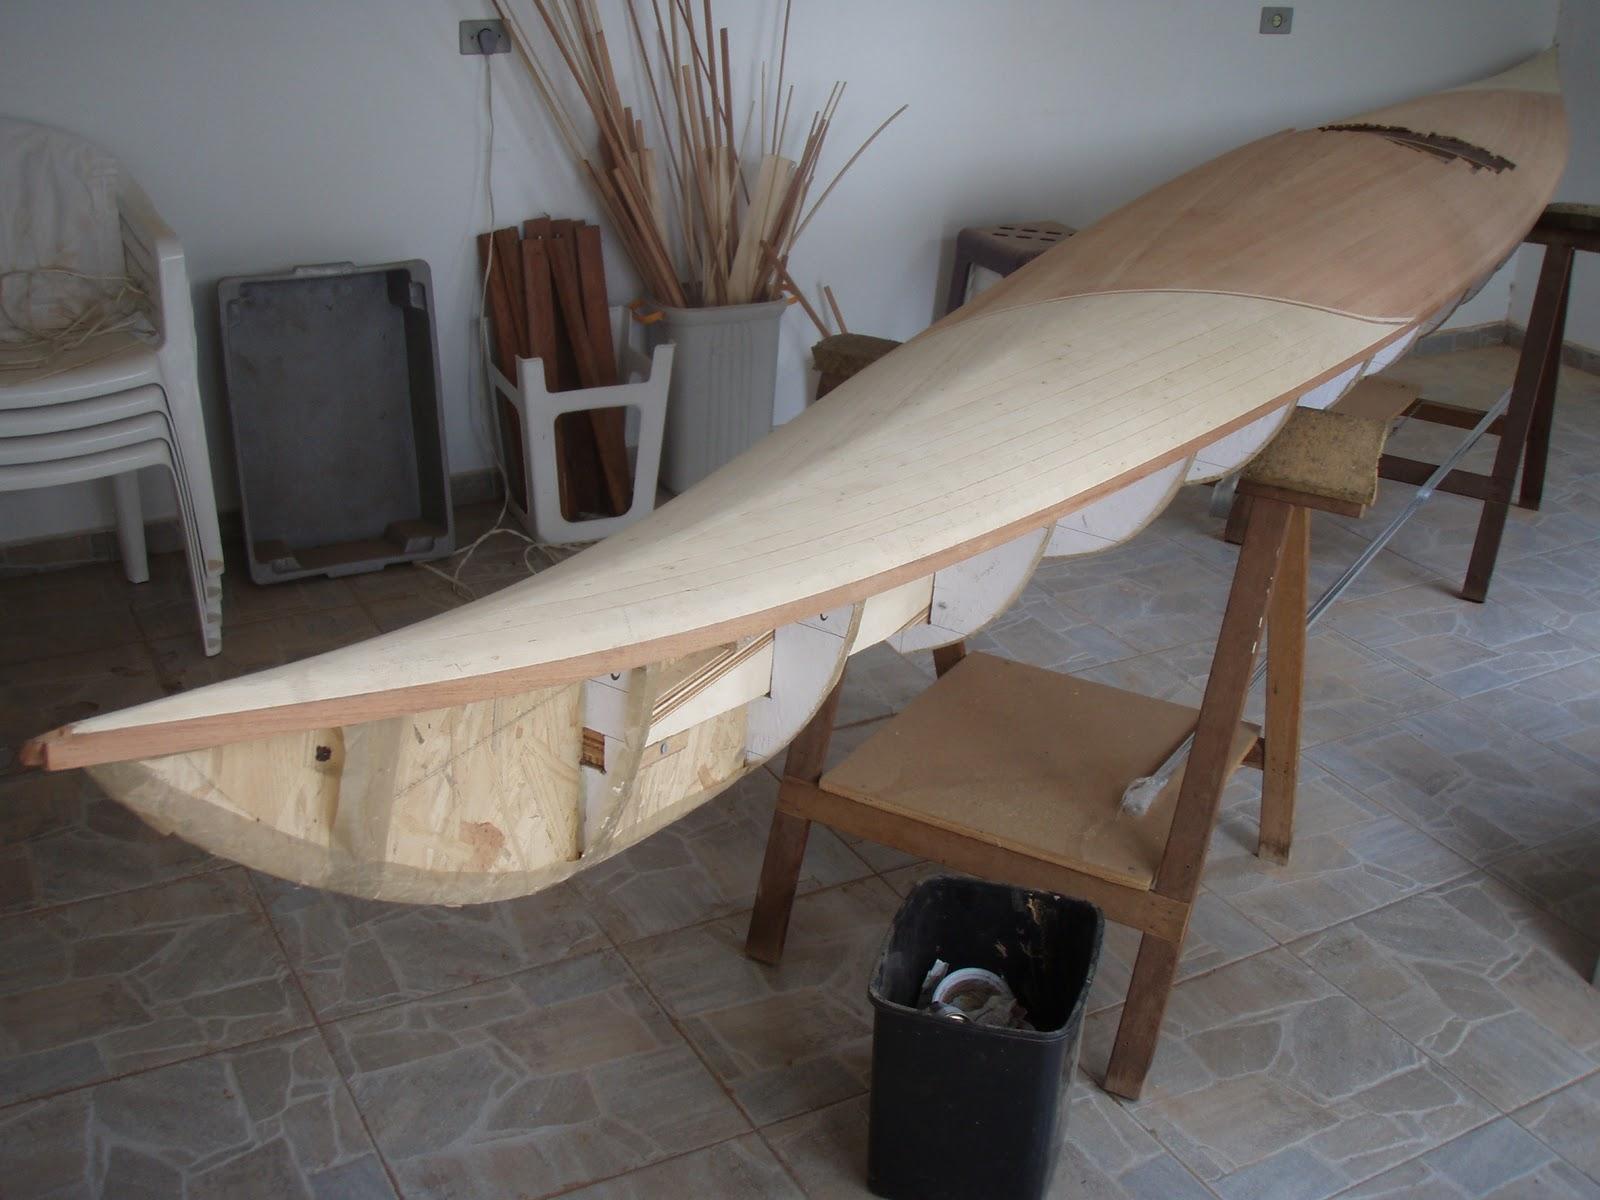 : Construção de um caiaque oceânico de madeira III Deck #7C654F 1600x1200